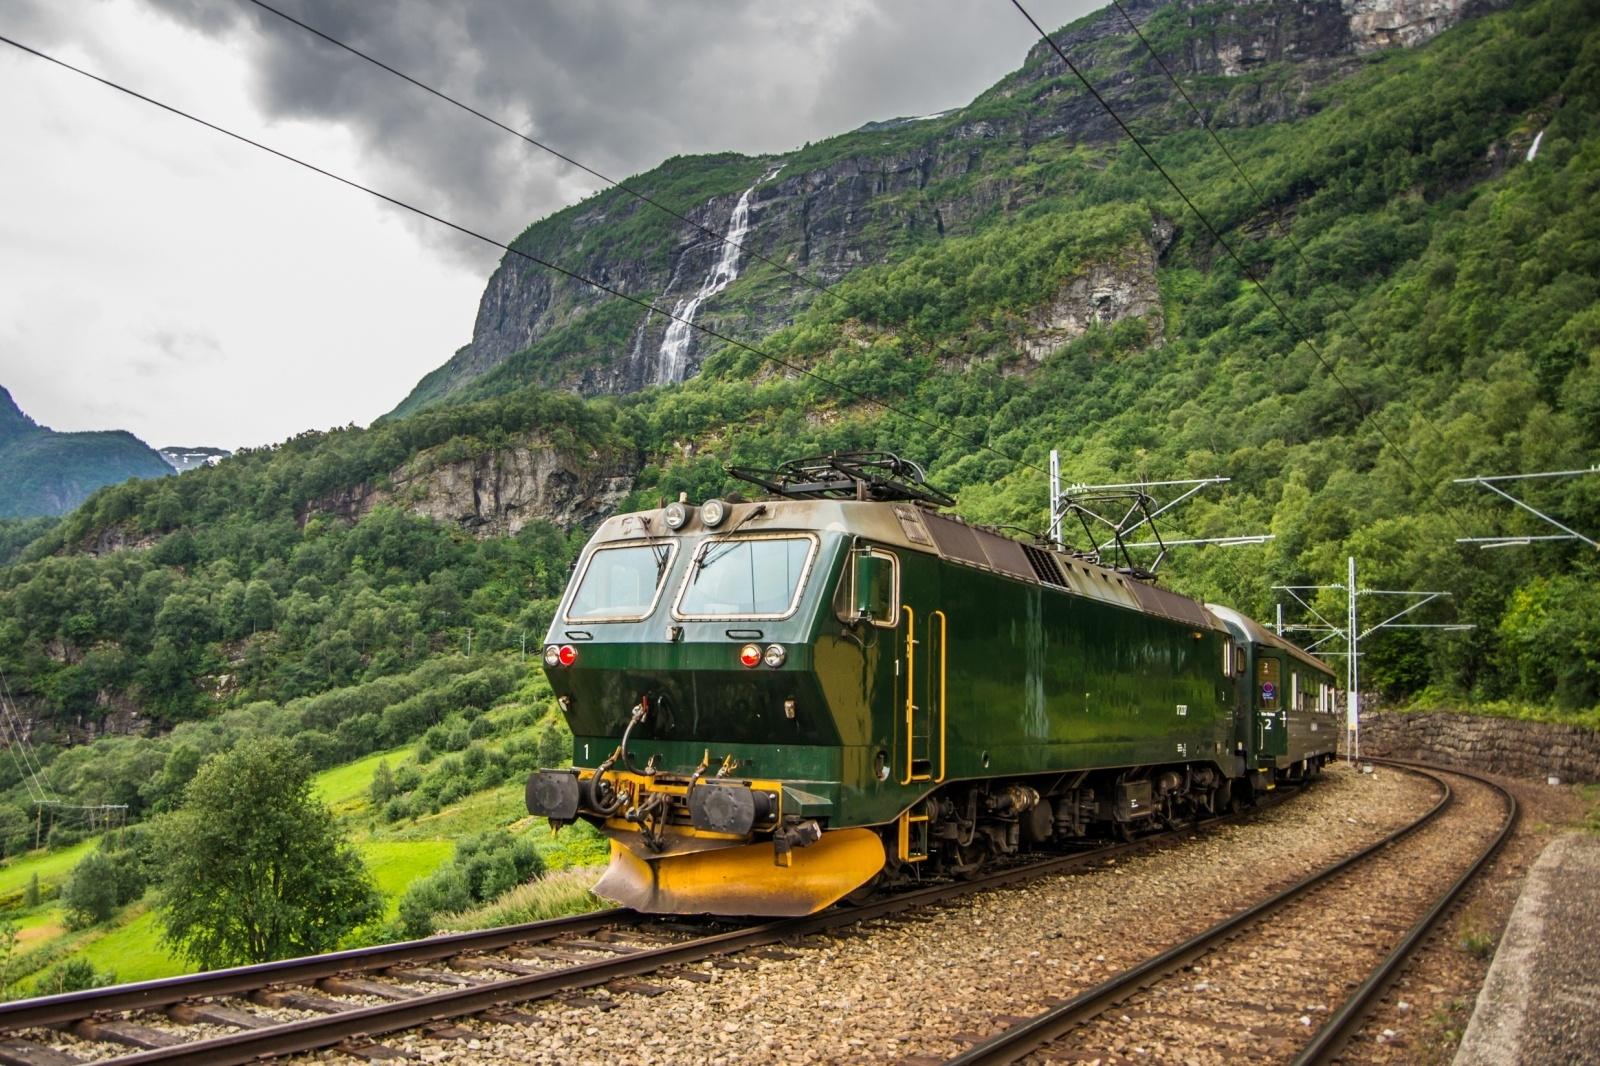 北欧の鉄道 フロム鉄道 北欧の鉄道風景